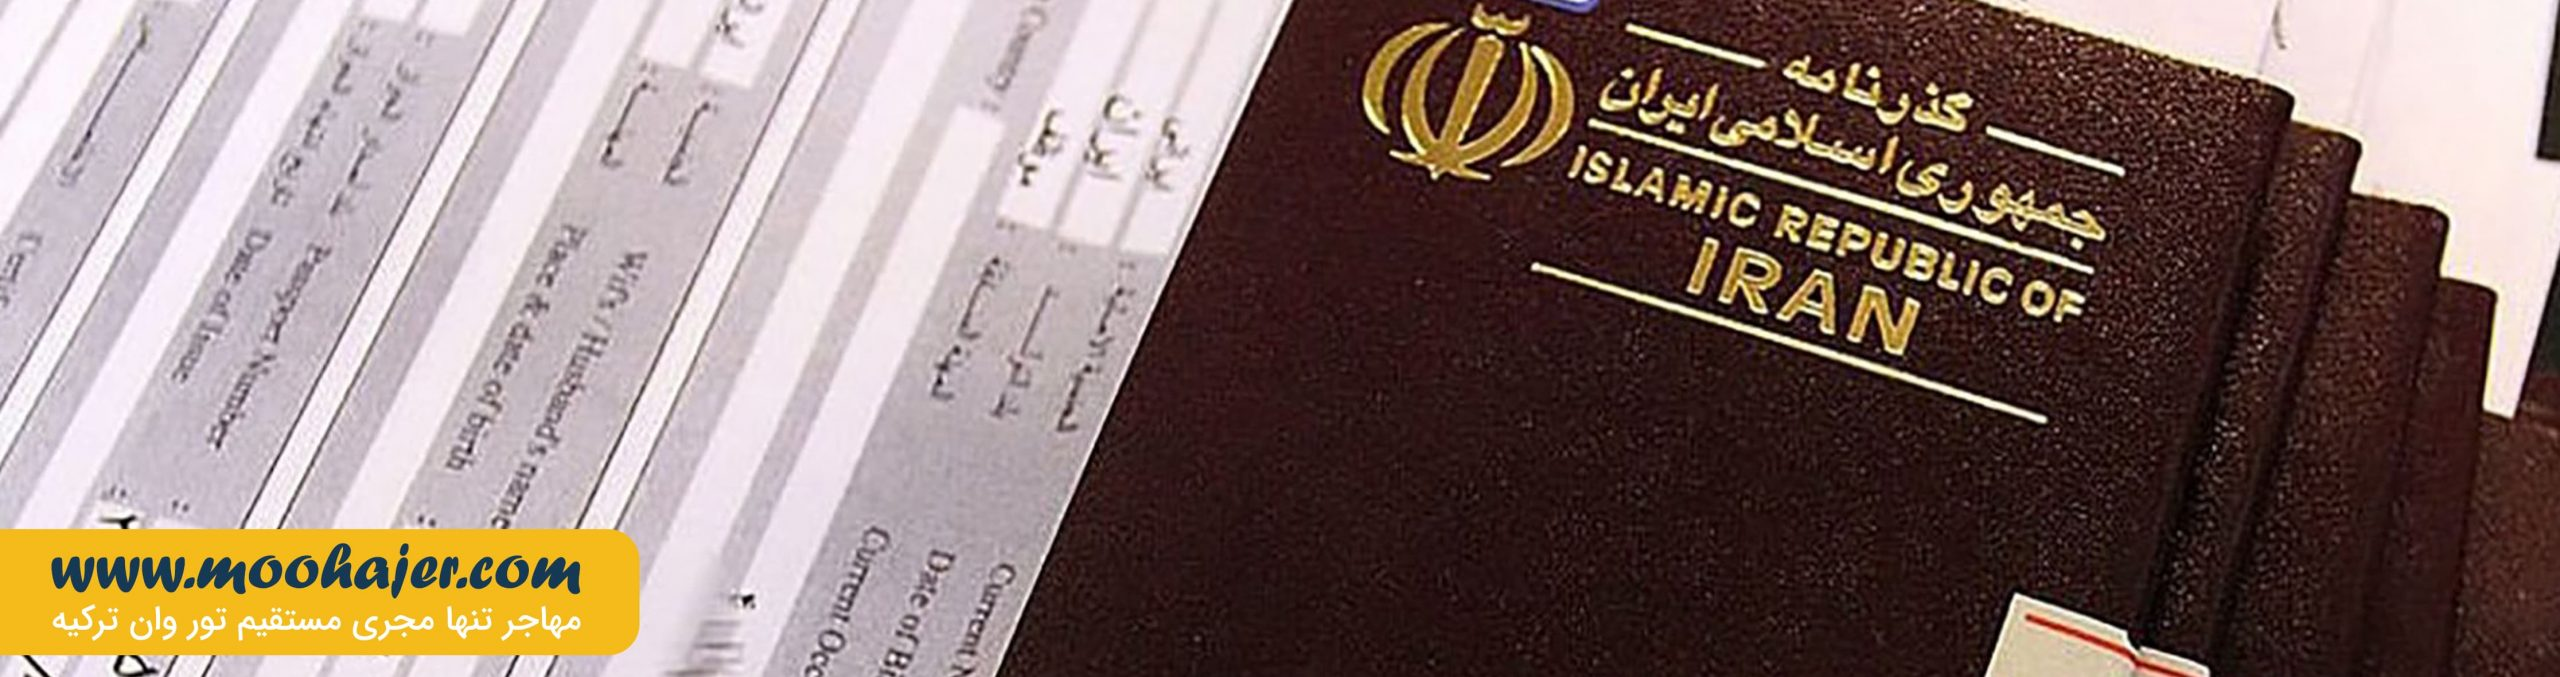 استعلام ممنوع الخروجی بصورت آنلاین آموزش مهاجر سیر ایرانیان تور وان تور وان